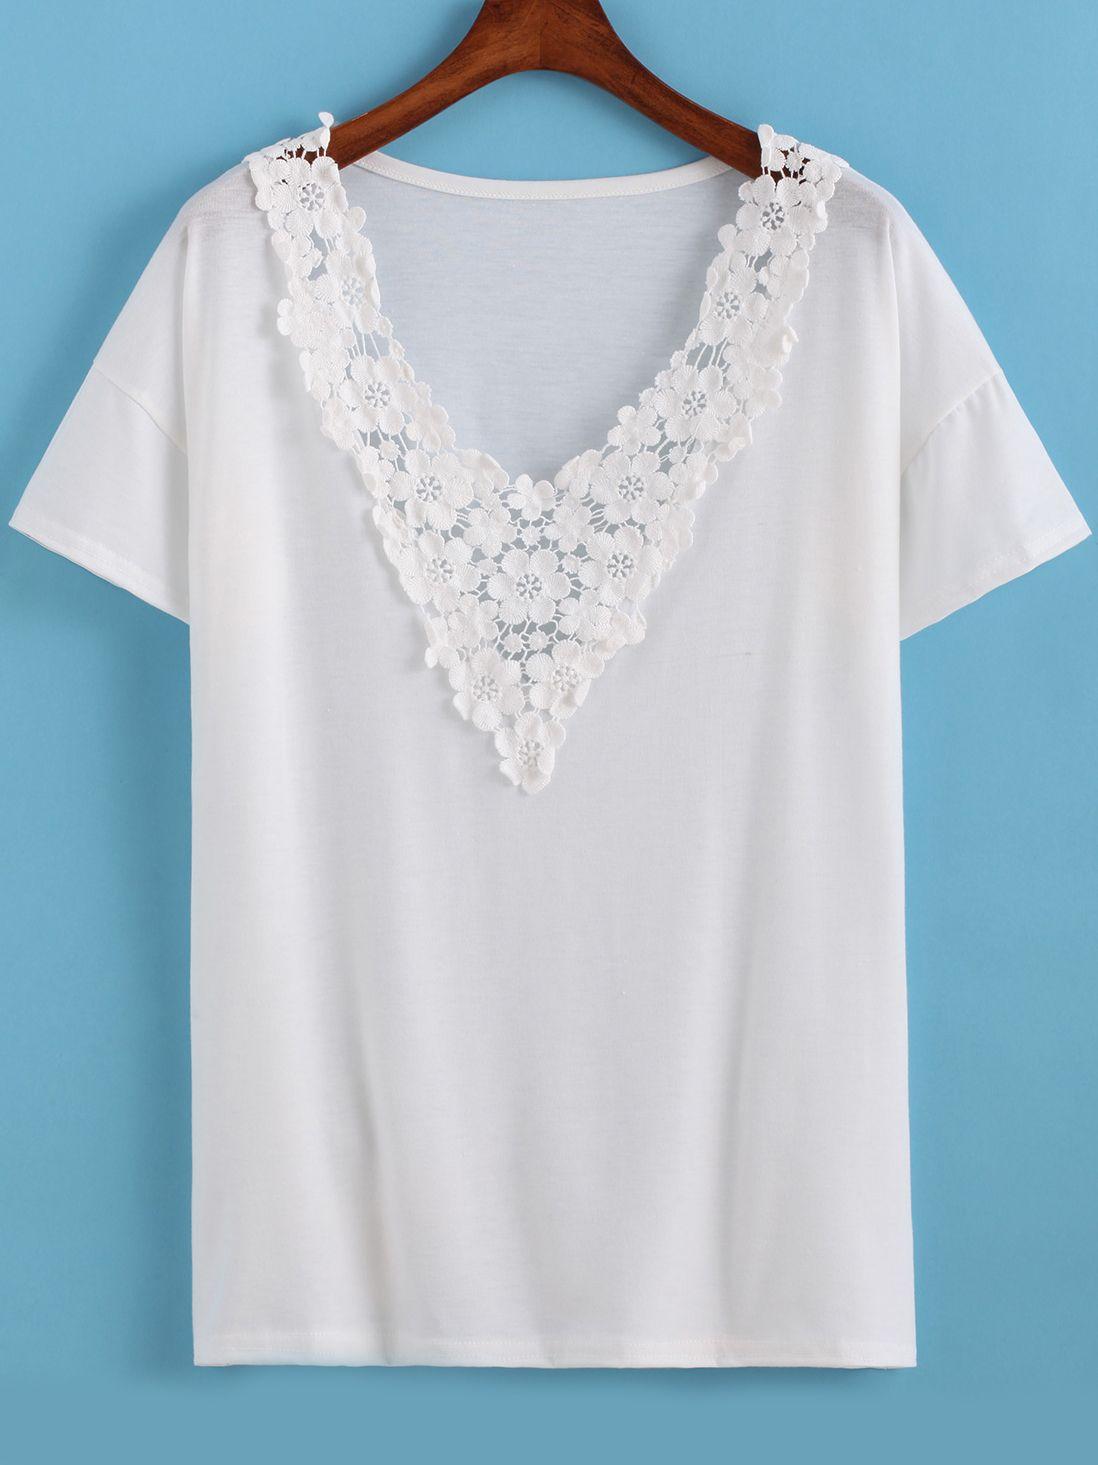 342bc1e38 Camiseta cuello V flores crochet -Sheinside